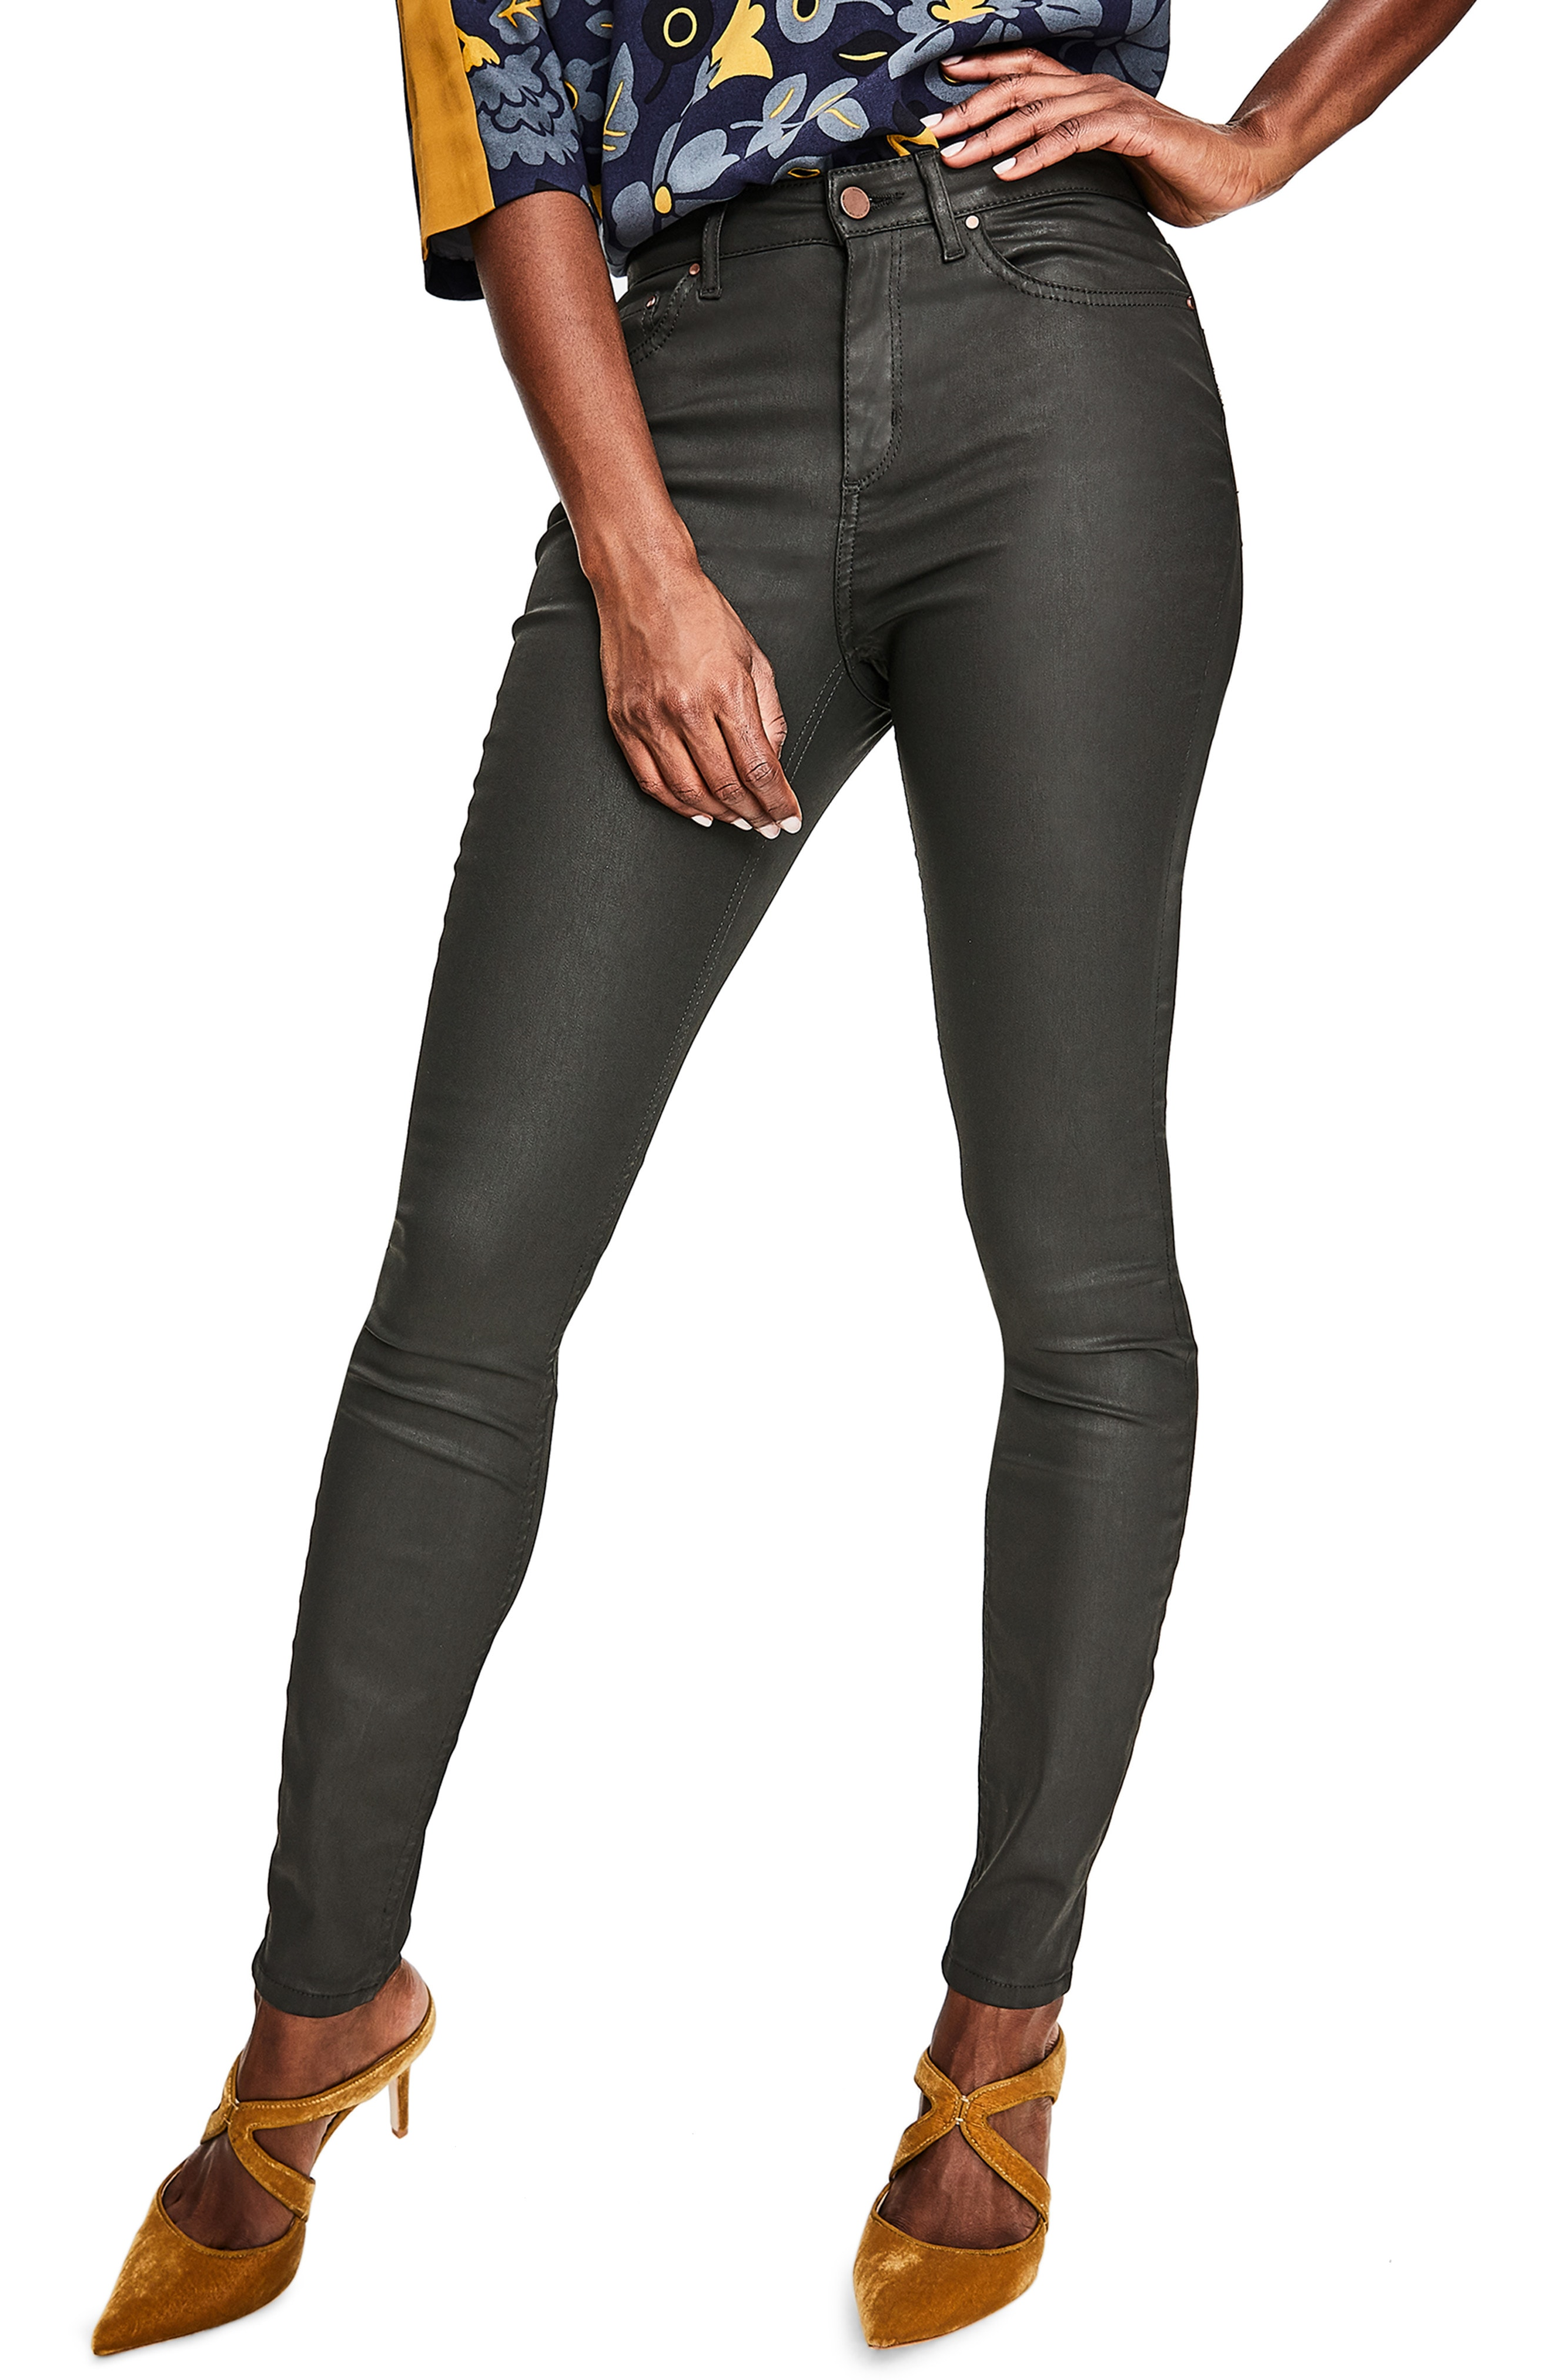 Boden Mayfair Skinny Jeans (Black Wax)